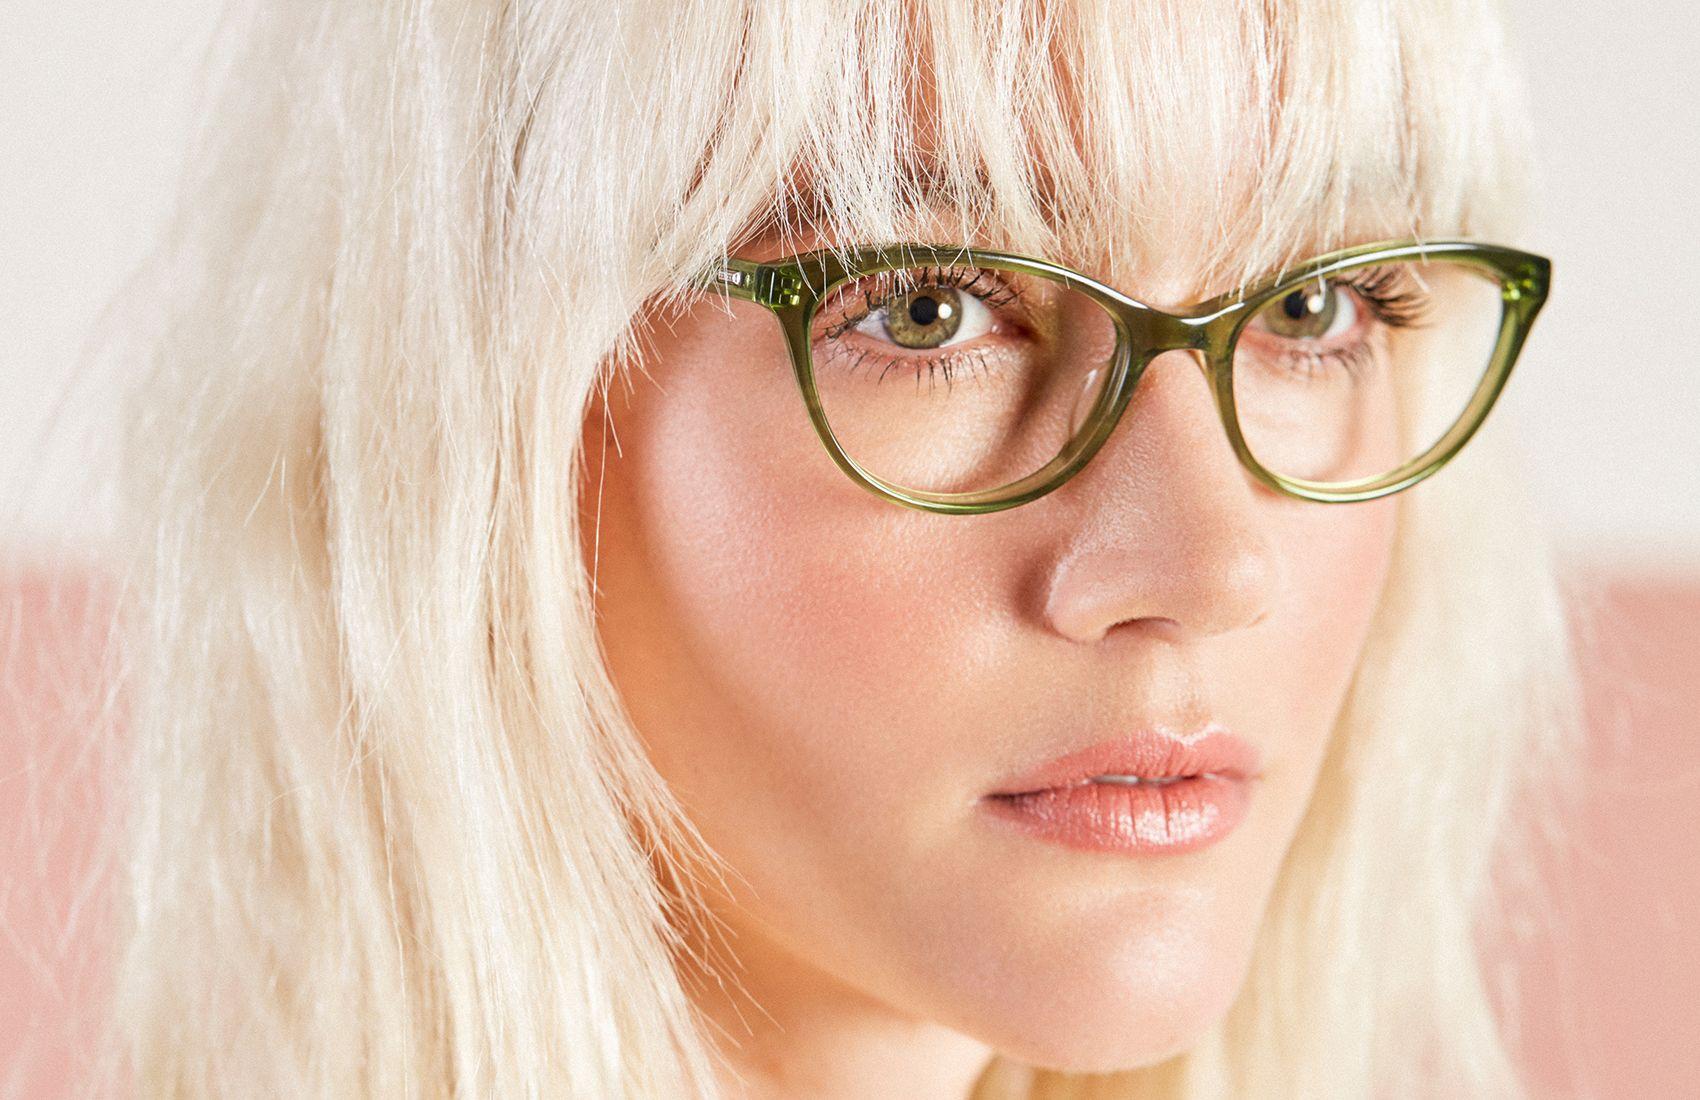 68ef8ed476 2018 trends glasses style eyeglasses